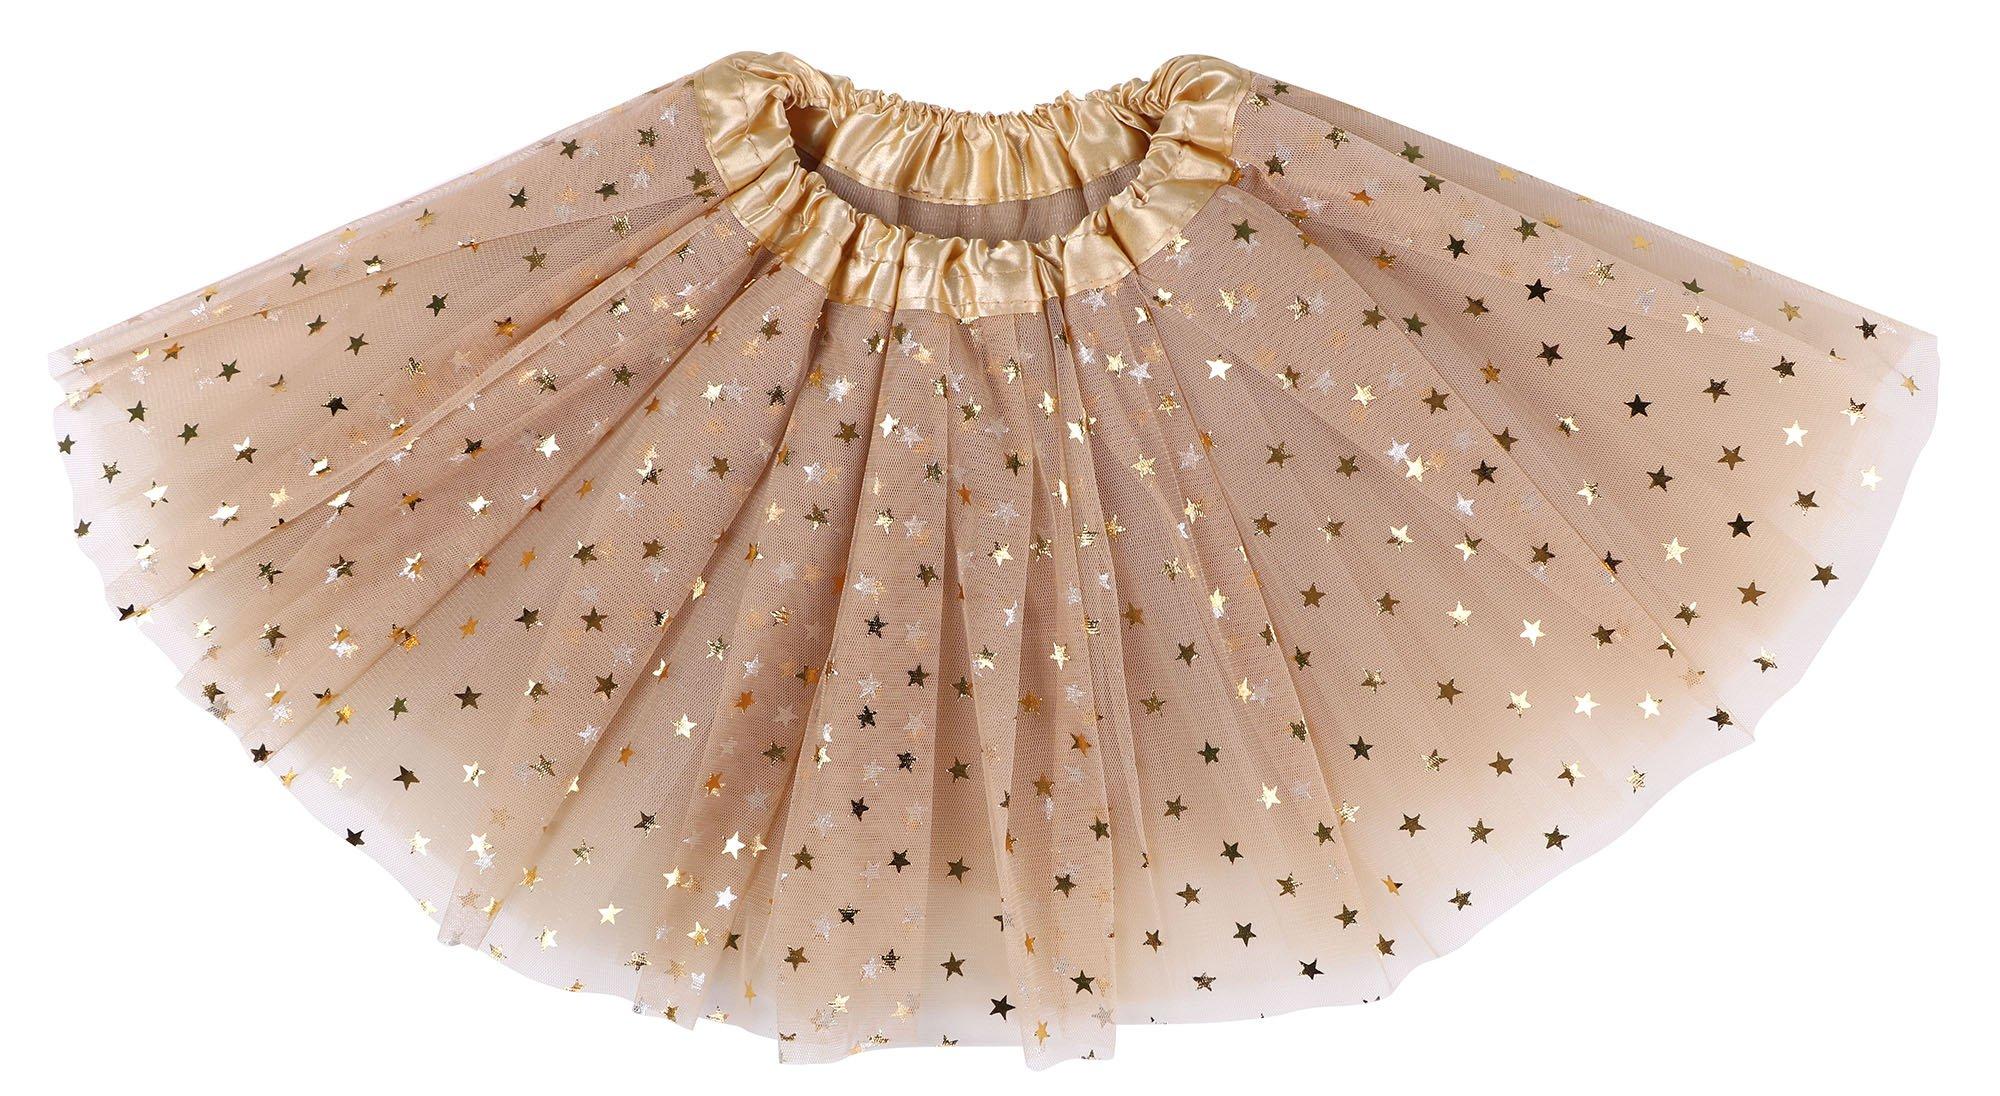 Simplicity Girls Tutu 4 Layered Tulle Dress-up Princess Fairy Tutu Skirt,Golden